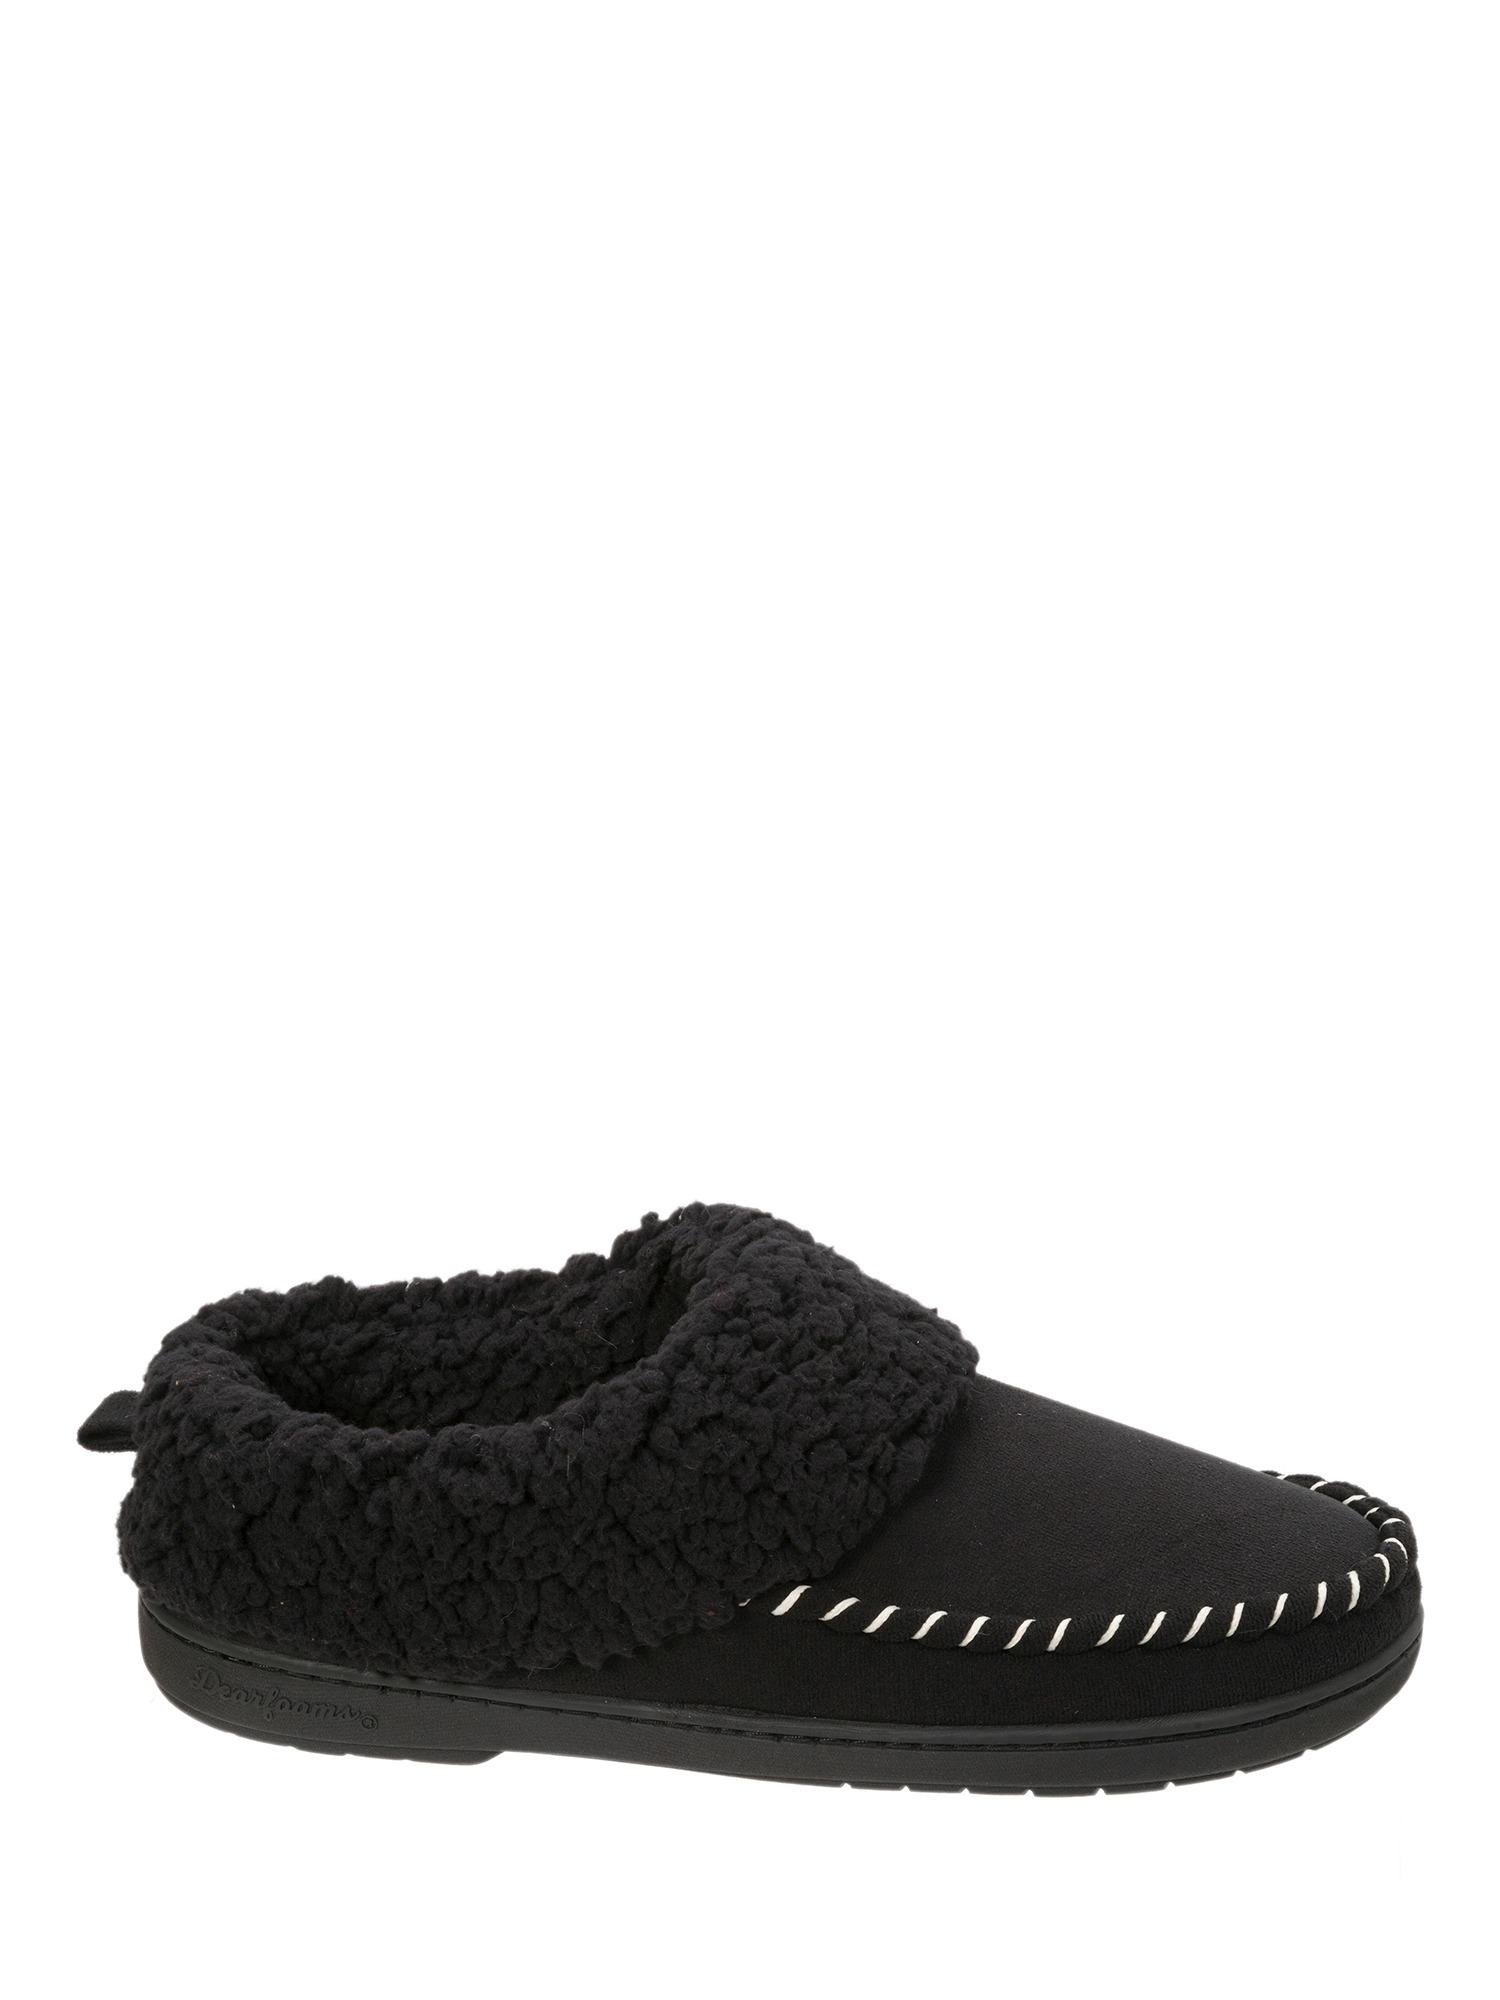 Dearfoams Women's Microsuede Clog Slippers